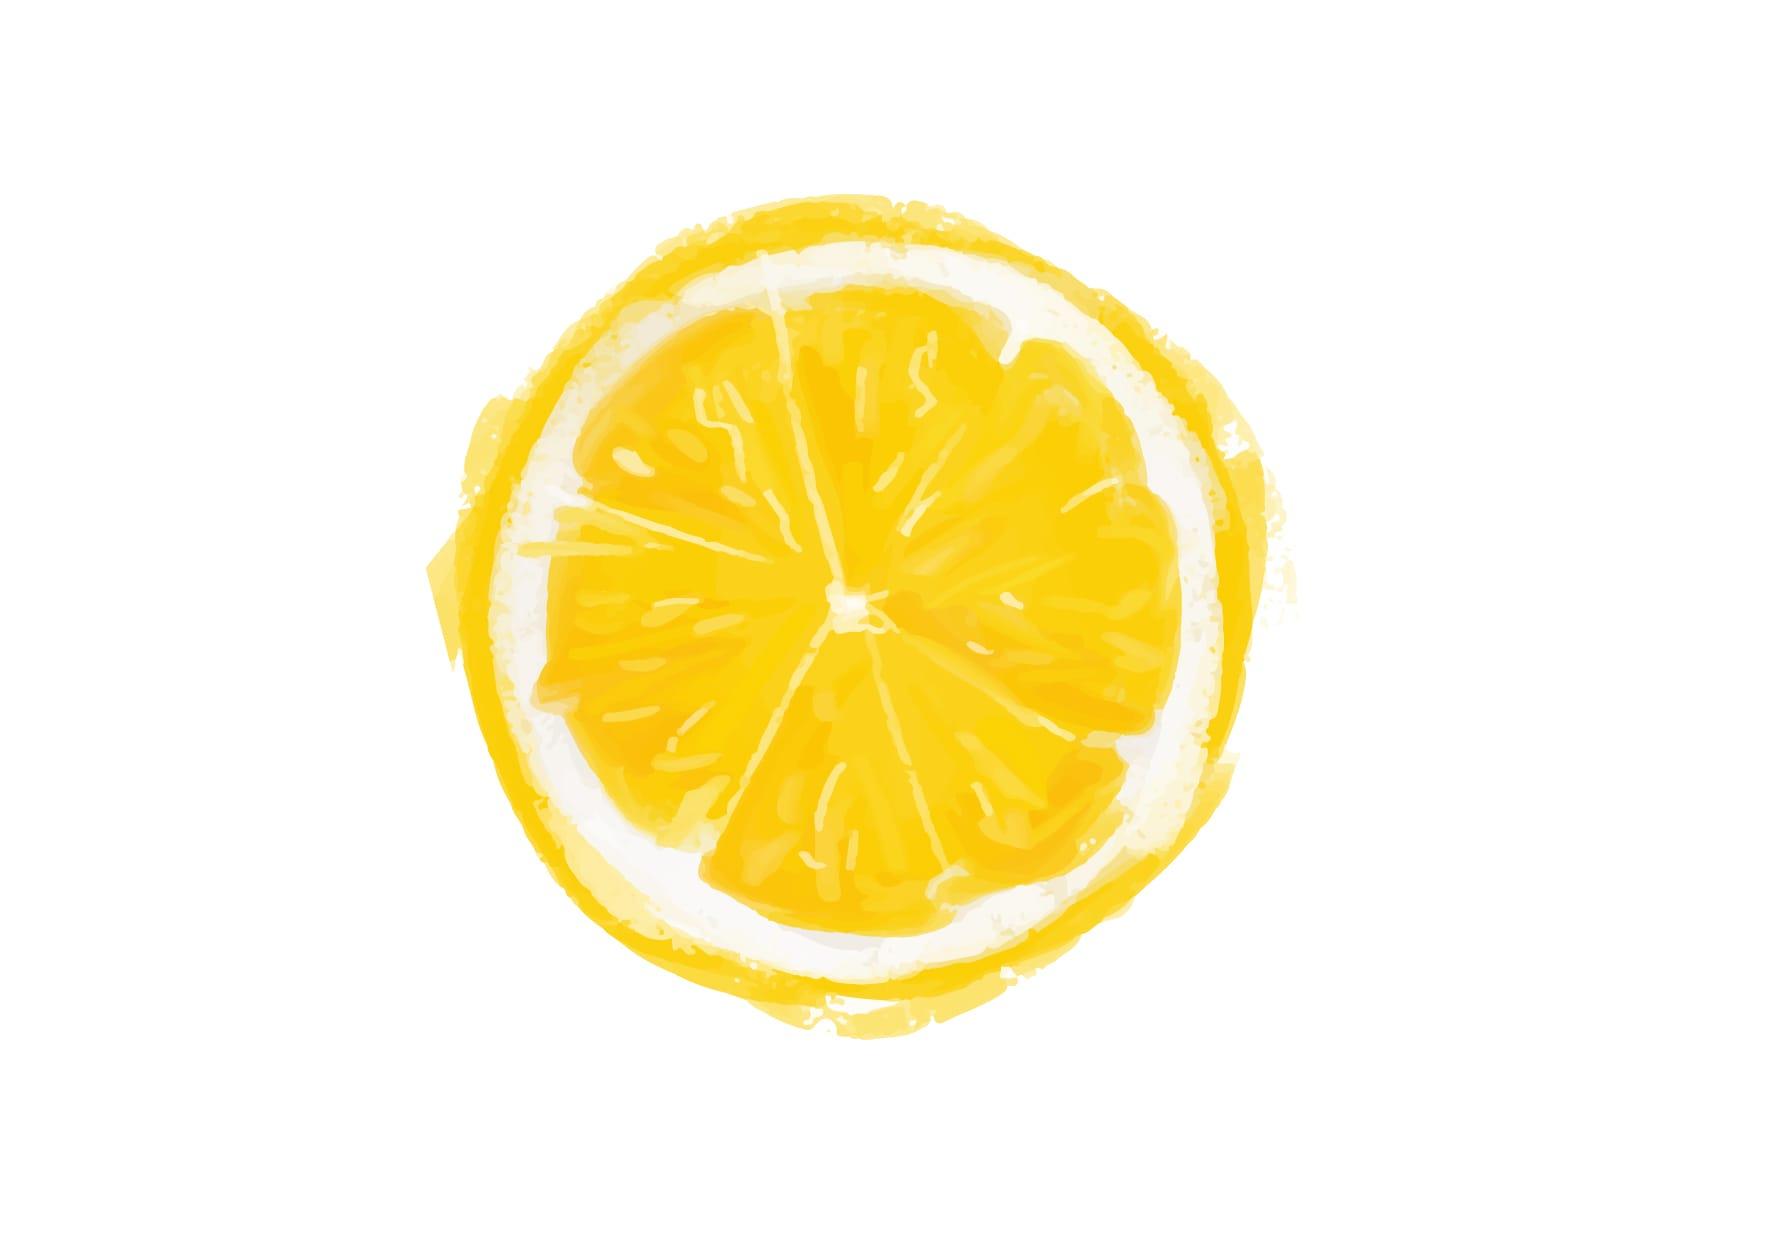 おしゃれなイラスト|手書き オレンジ 1つ1